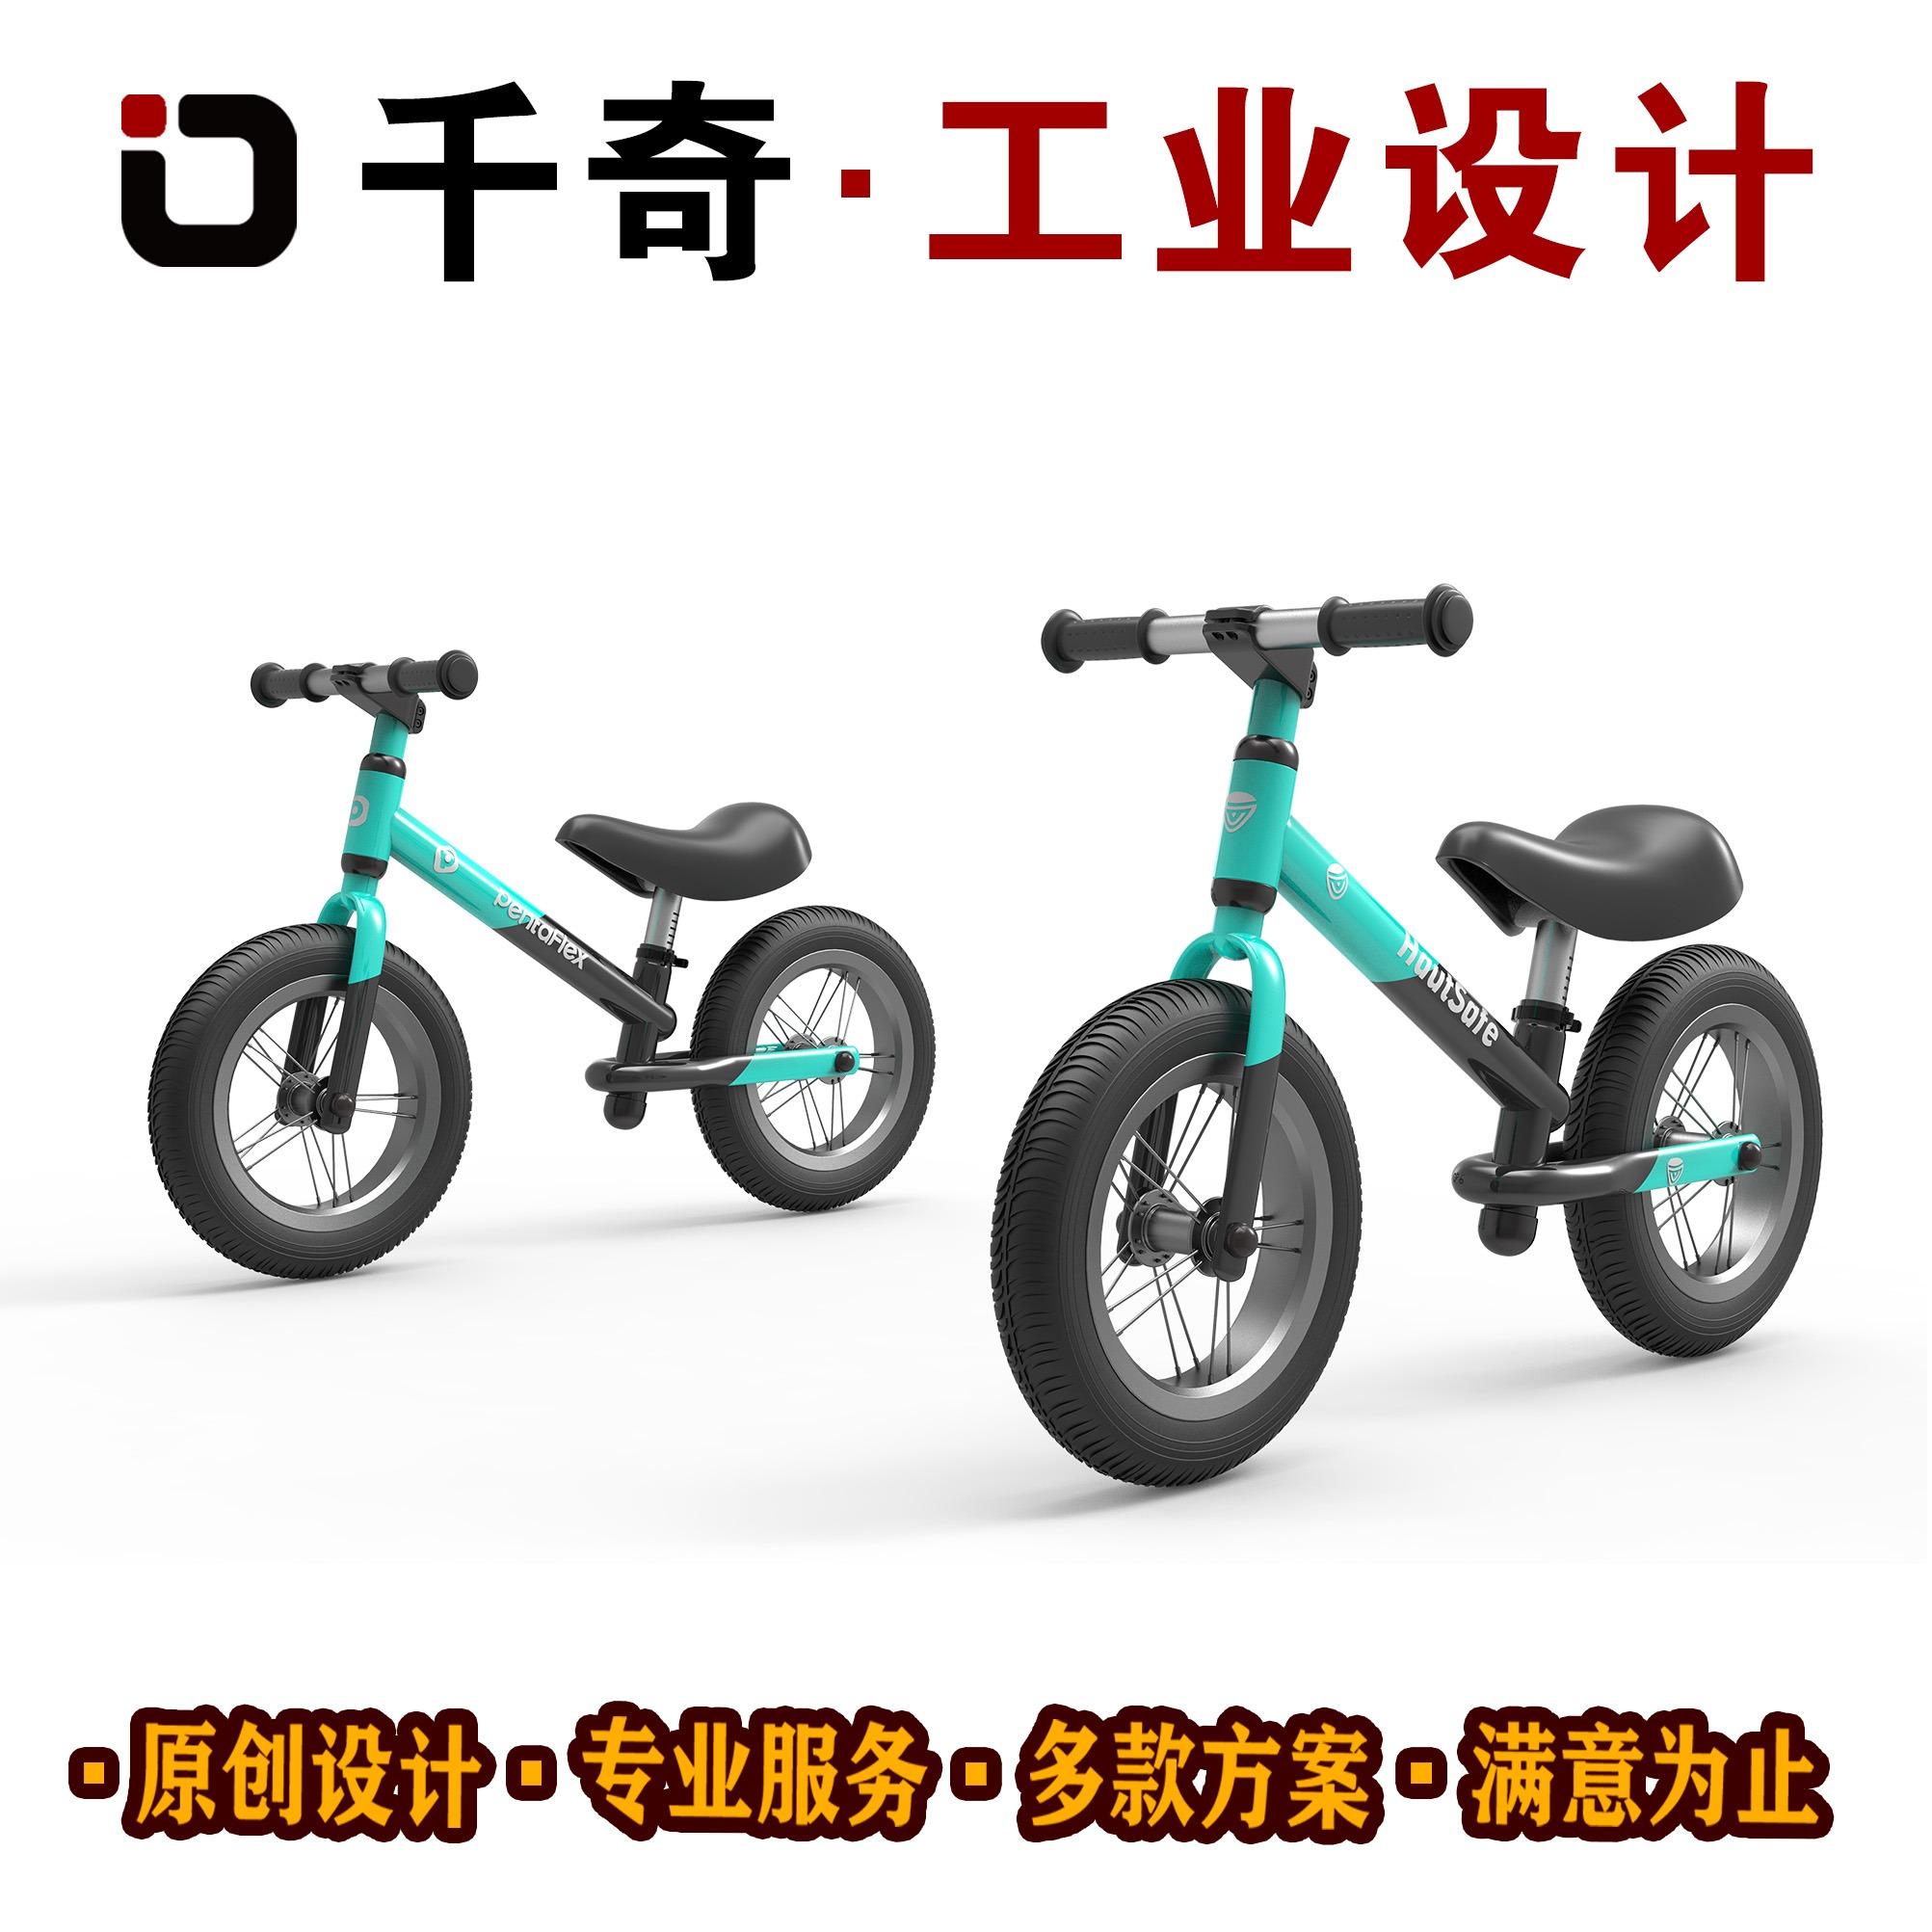 【千奇设计】儿童车玩具童车产品设计自行车设计外观设计结构设计